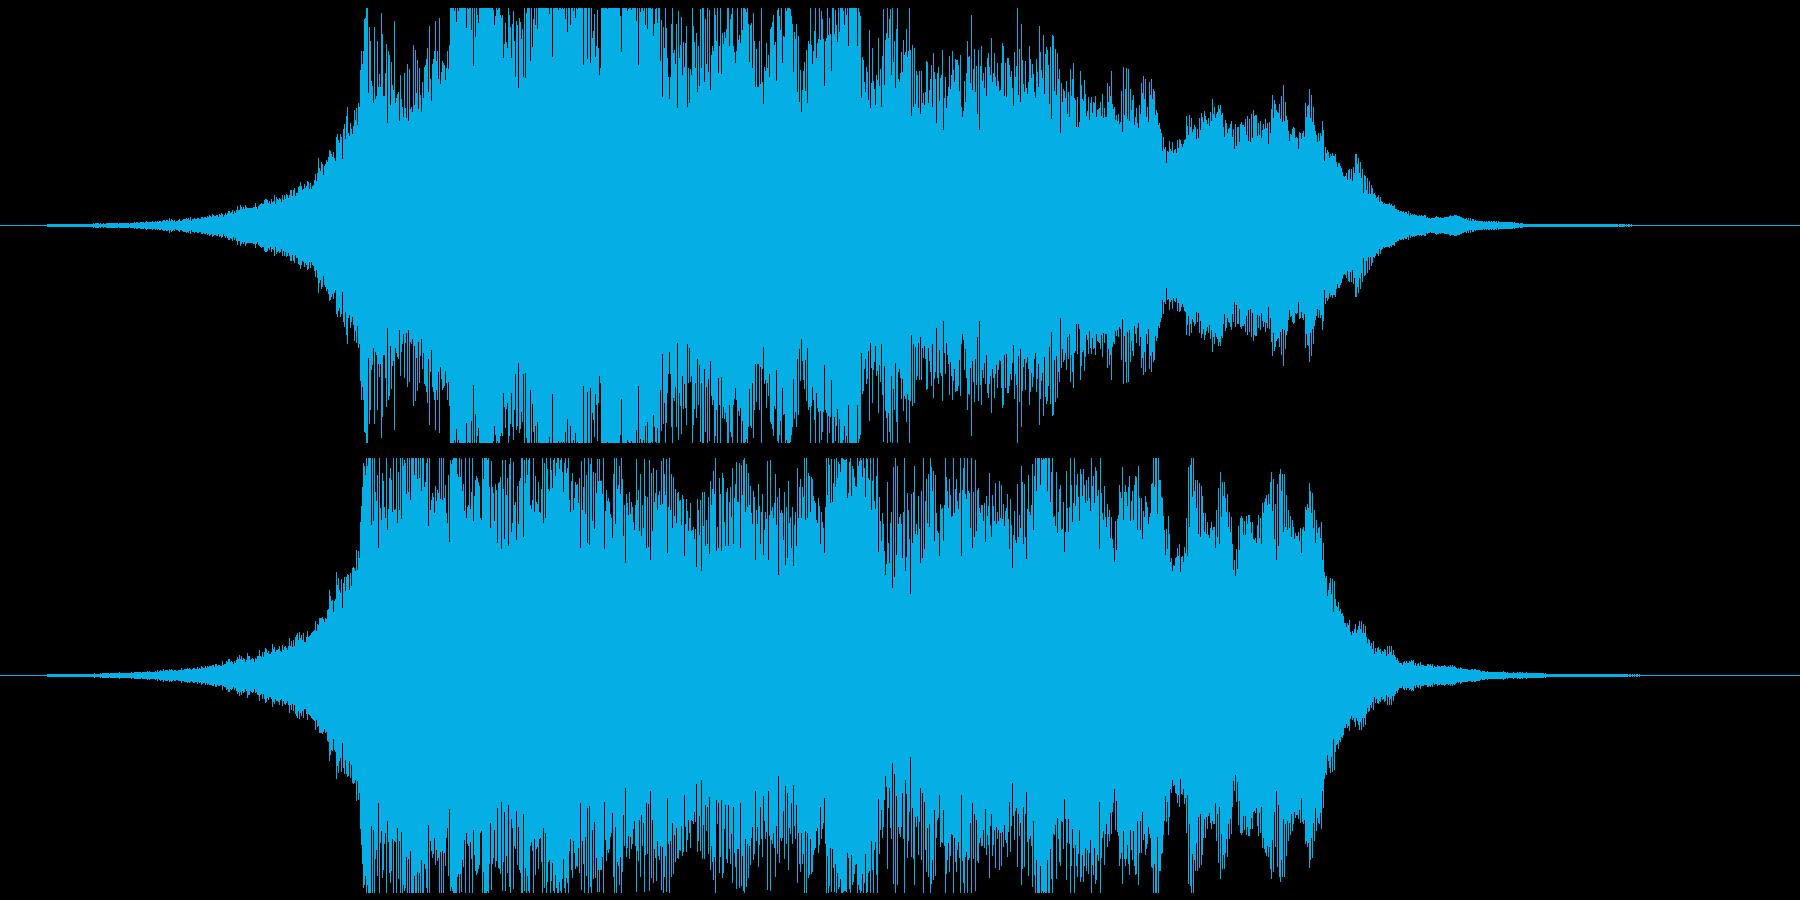 オーケストラテイストの壮大なジングルの再生済みの波形